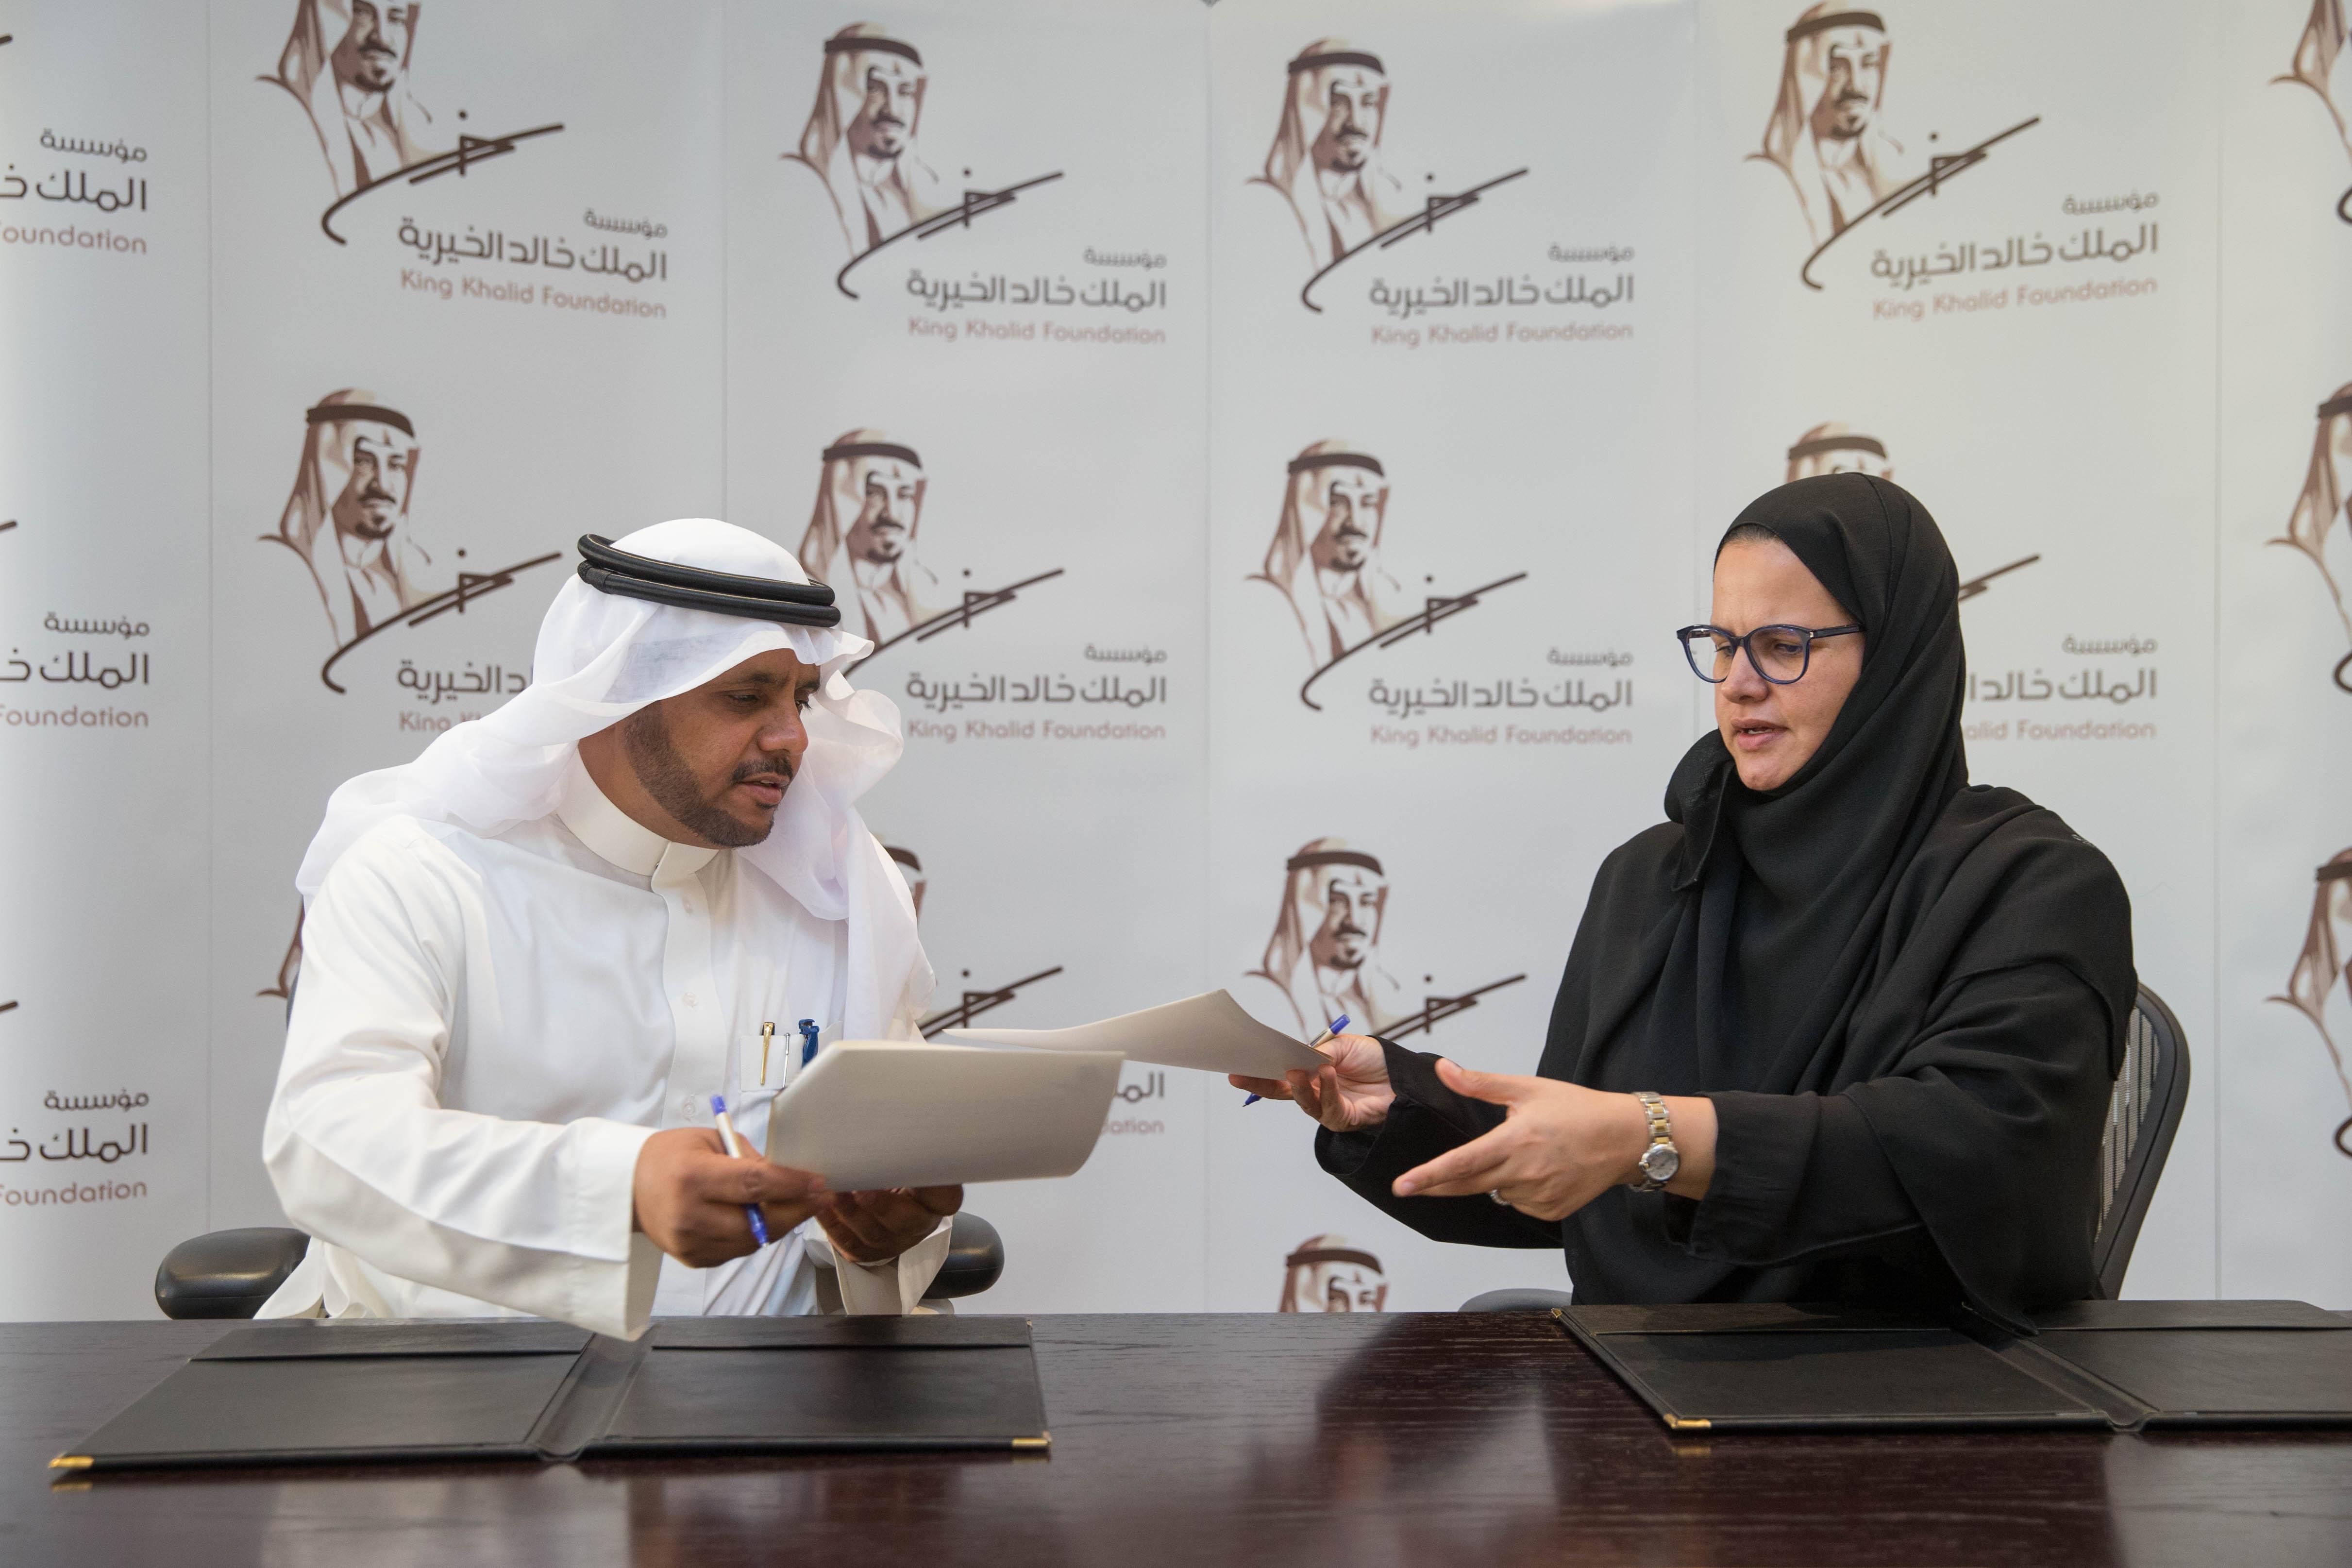 مؤسسة الملك خالد الخيرية تعزز دور المنظمة العربية للهلال الأحمر والصليب الأحمر الإغاثي والإنساني في الحد الجنوبي